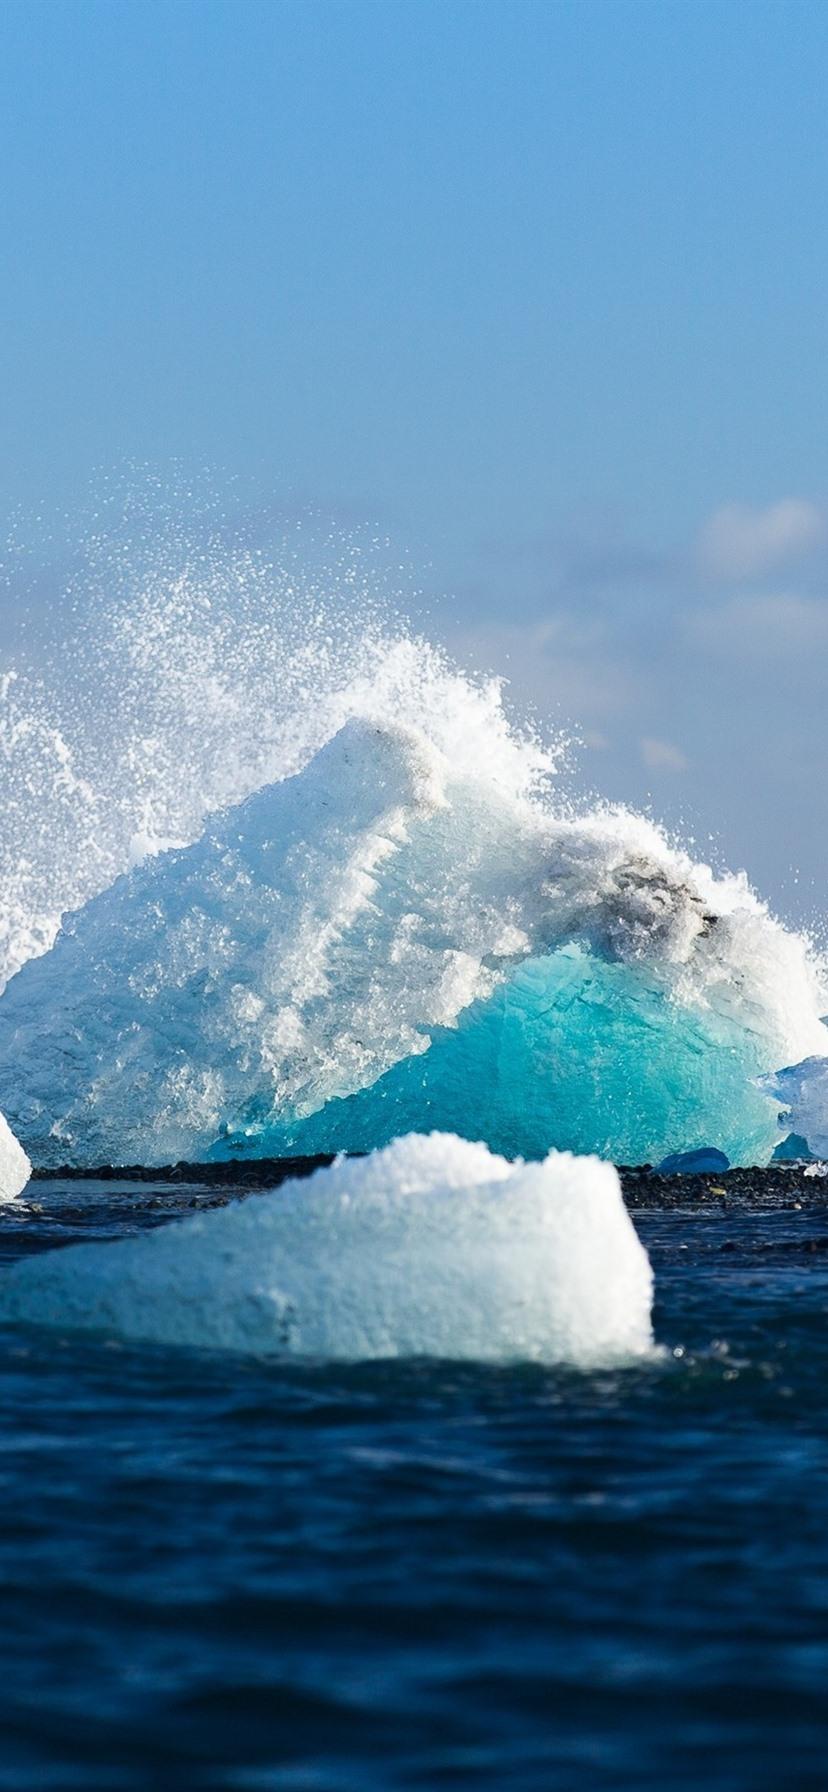 氷 氷山 海 水のしぶき 828x1792 Iphone 11 Xr 壁紙 背景 画像